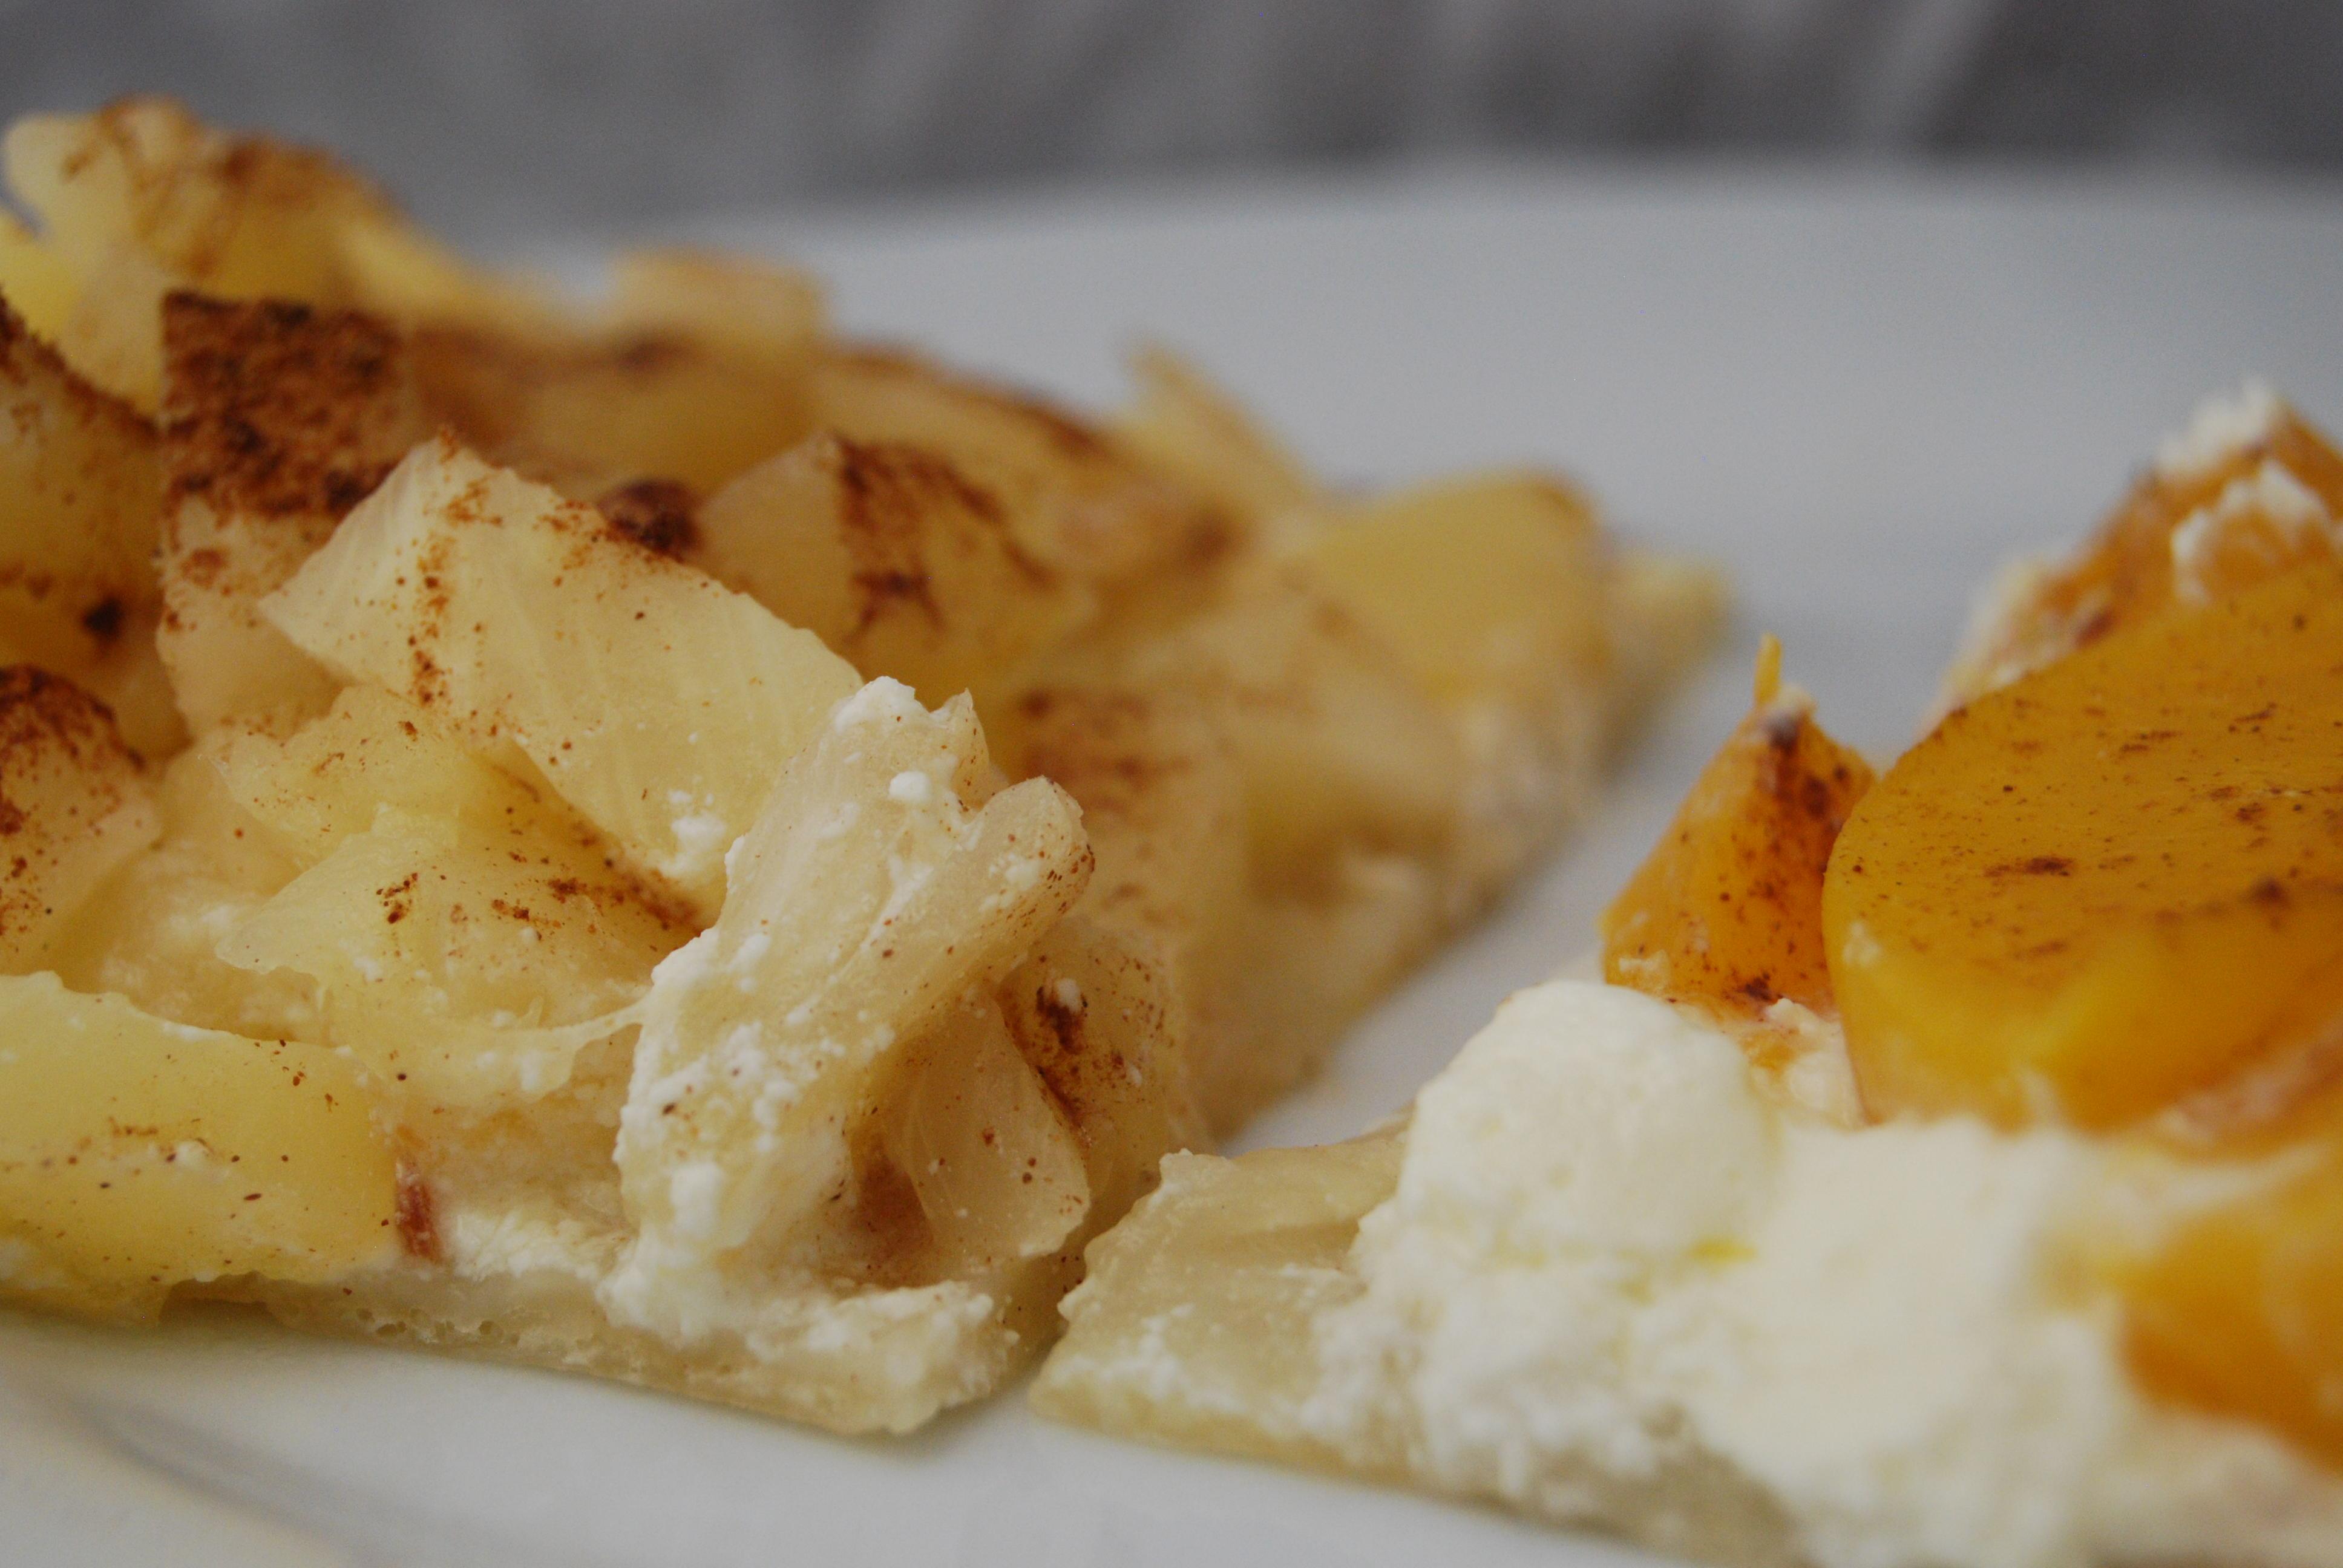 Pfirsich- und Ananas-Tarte